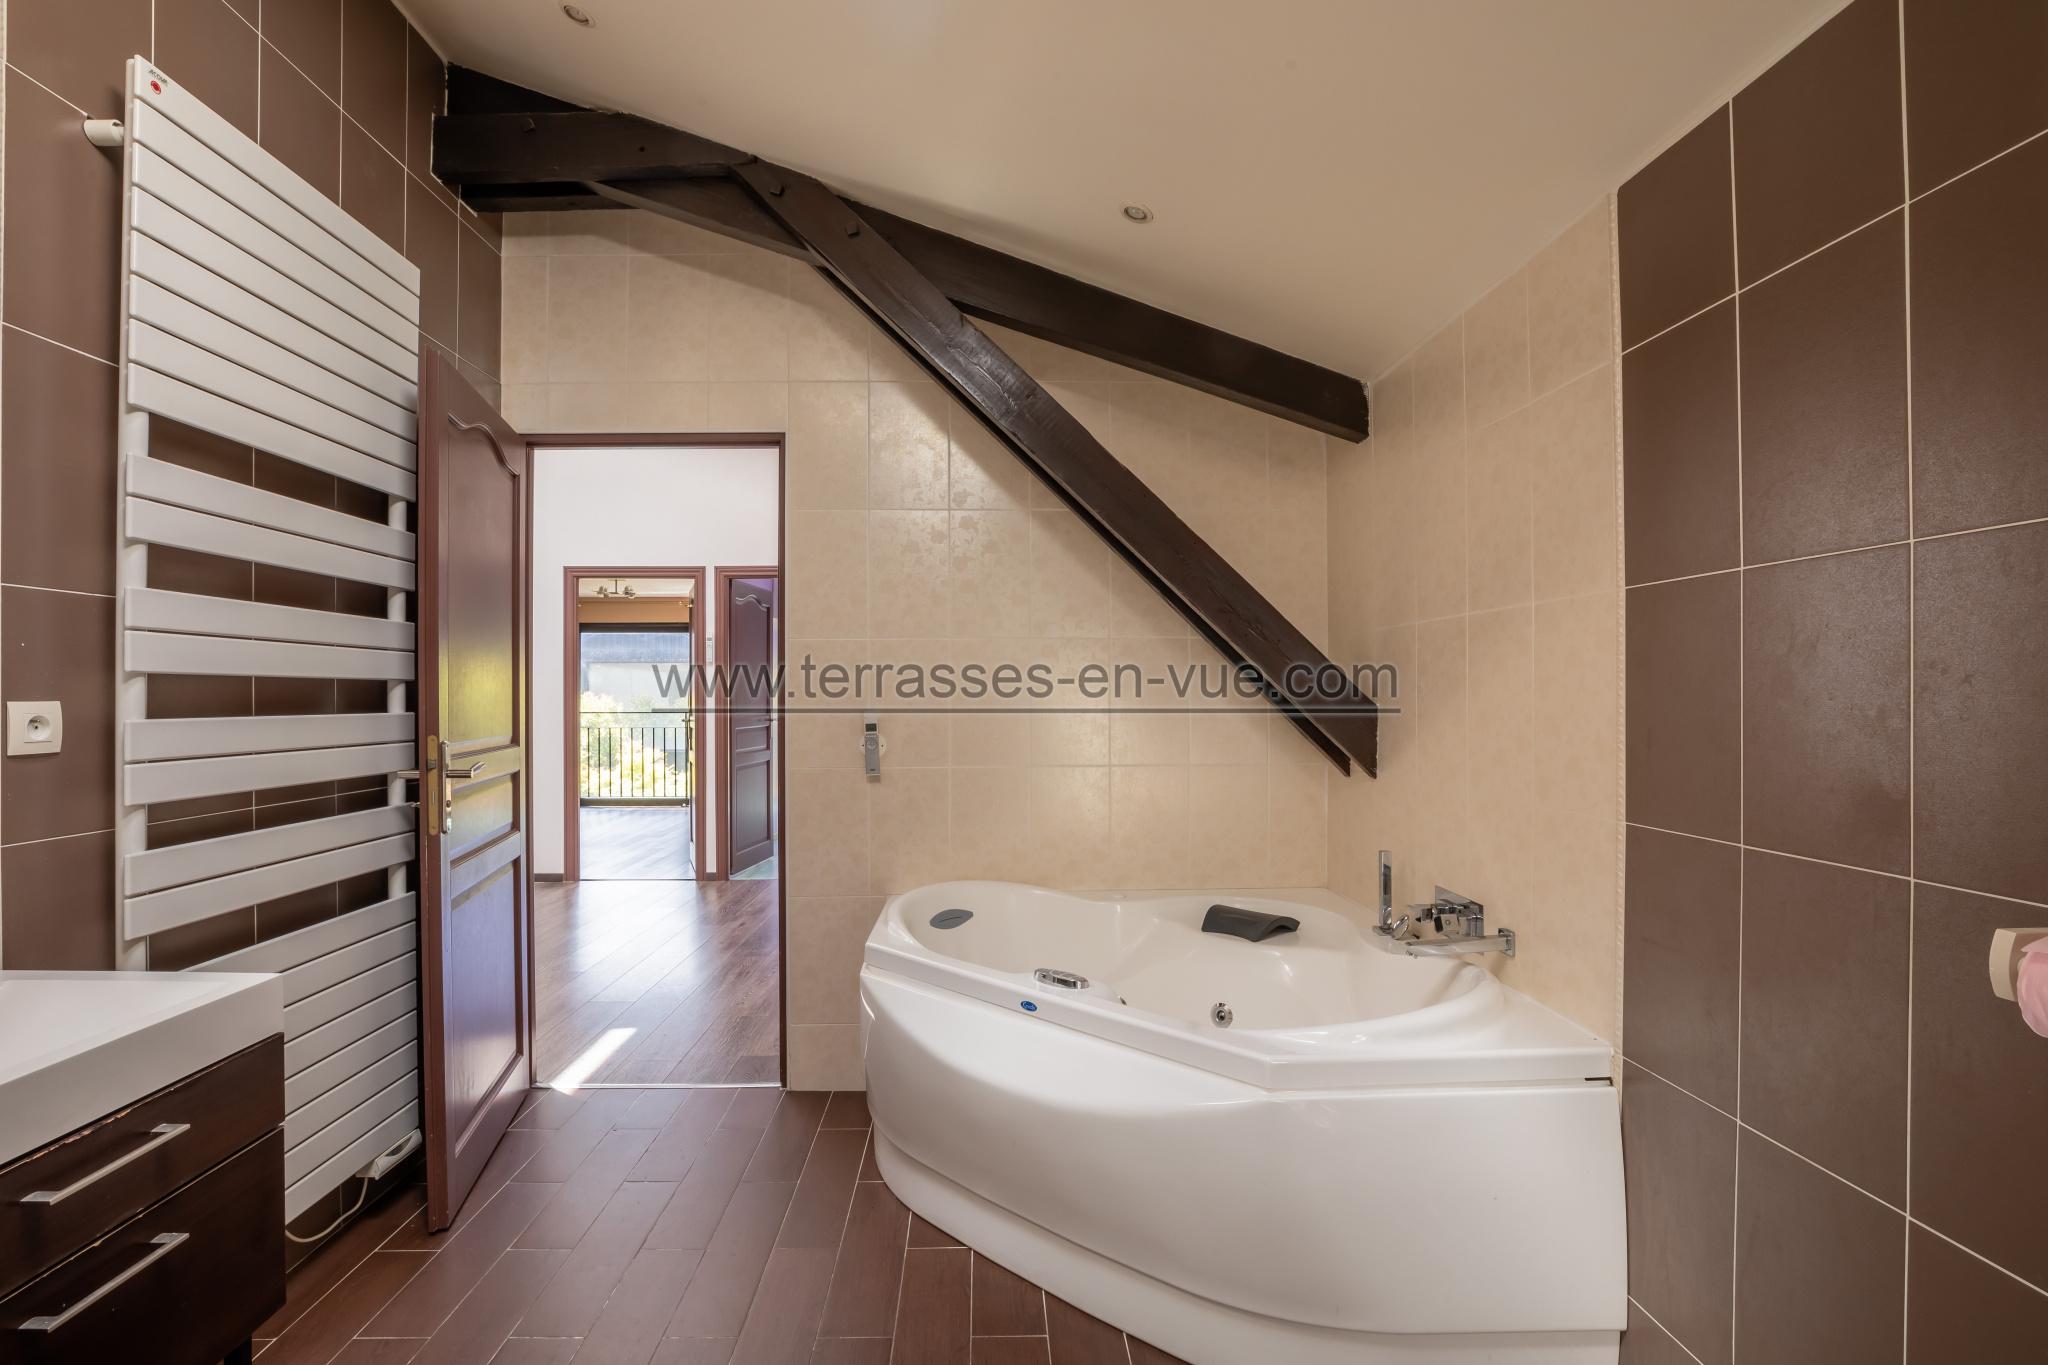 Maison À vendre - Colombes / 92700